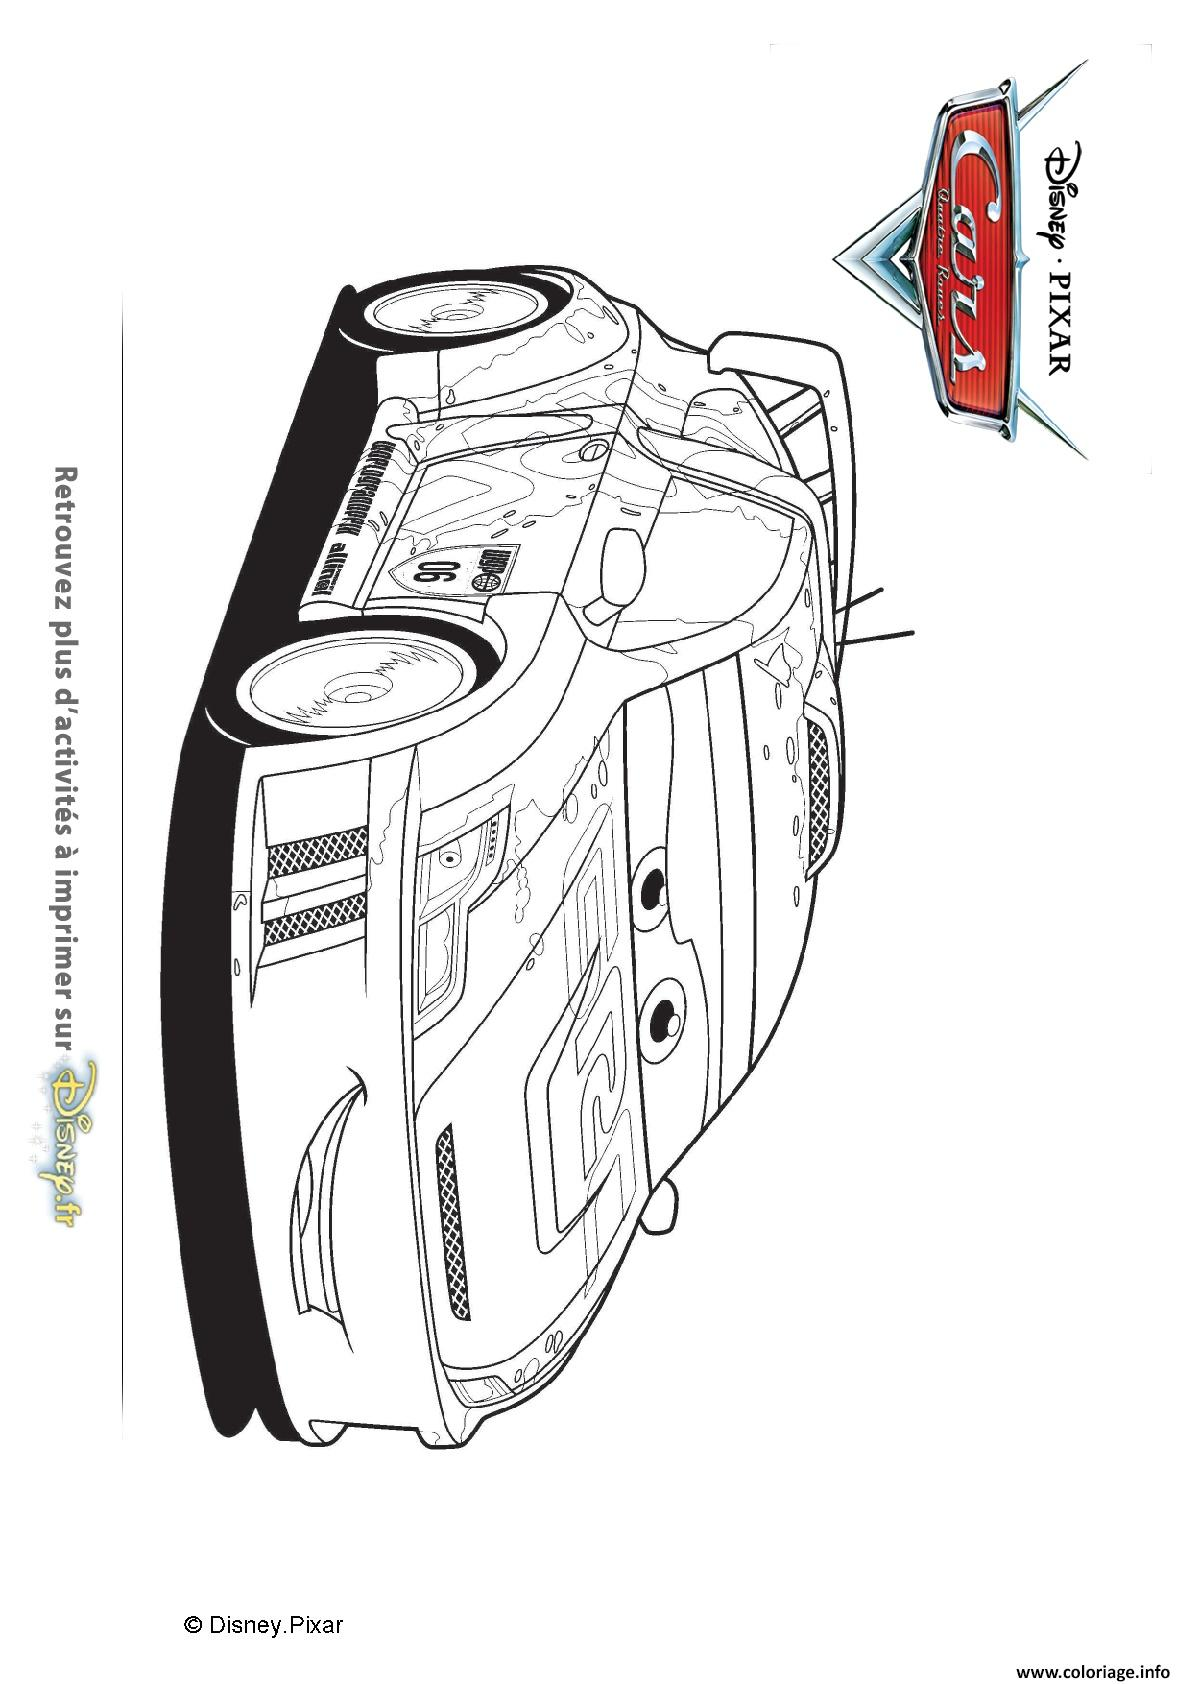 Coloriage raoul aroule plus grande voiture de rallye au monde cars disney dessin - Dessin anime cars 2 gratuit ...